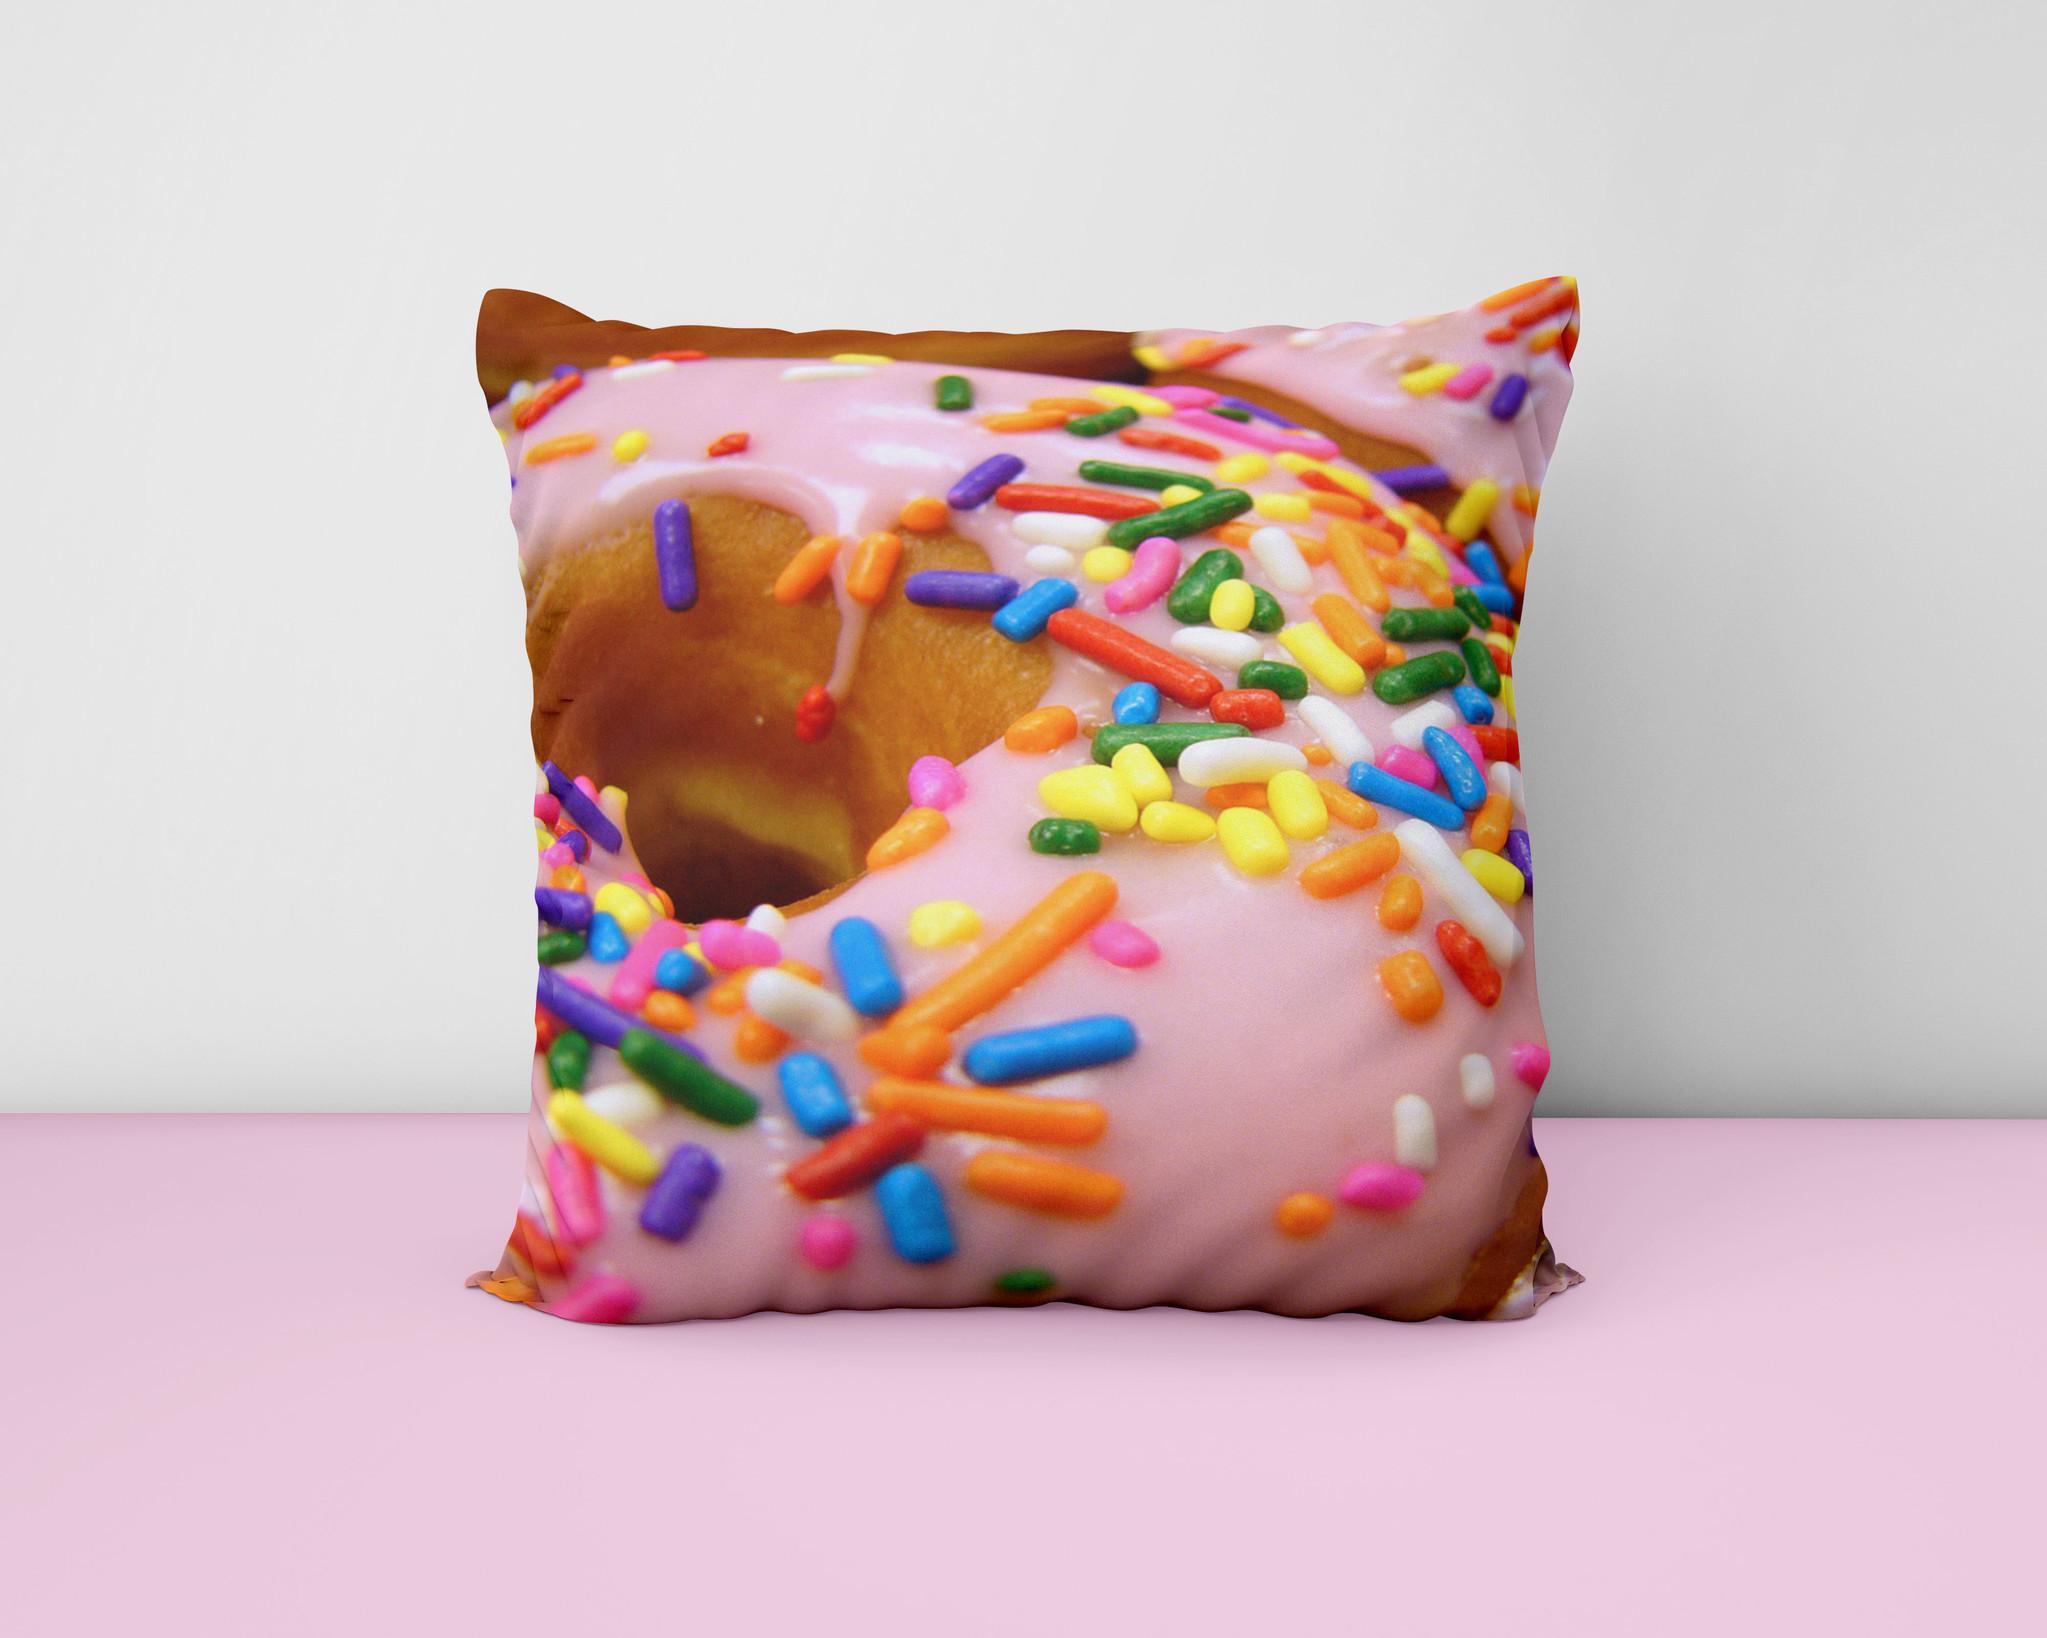 Kussen met een donut afbeelding